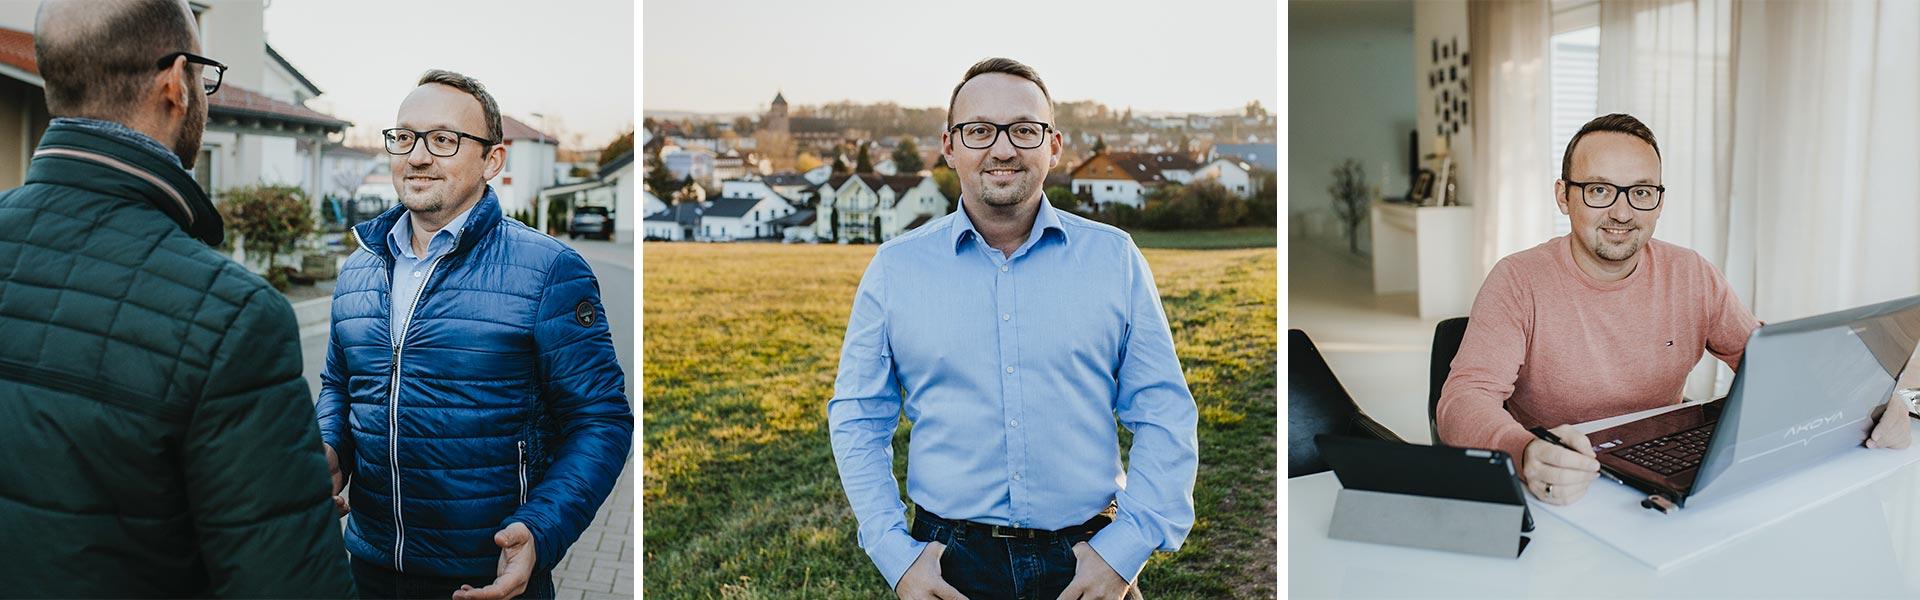 Jochen Kassel für Weilerbach